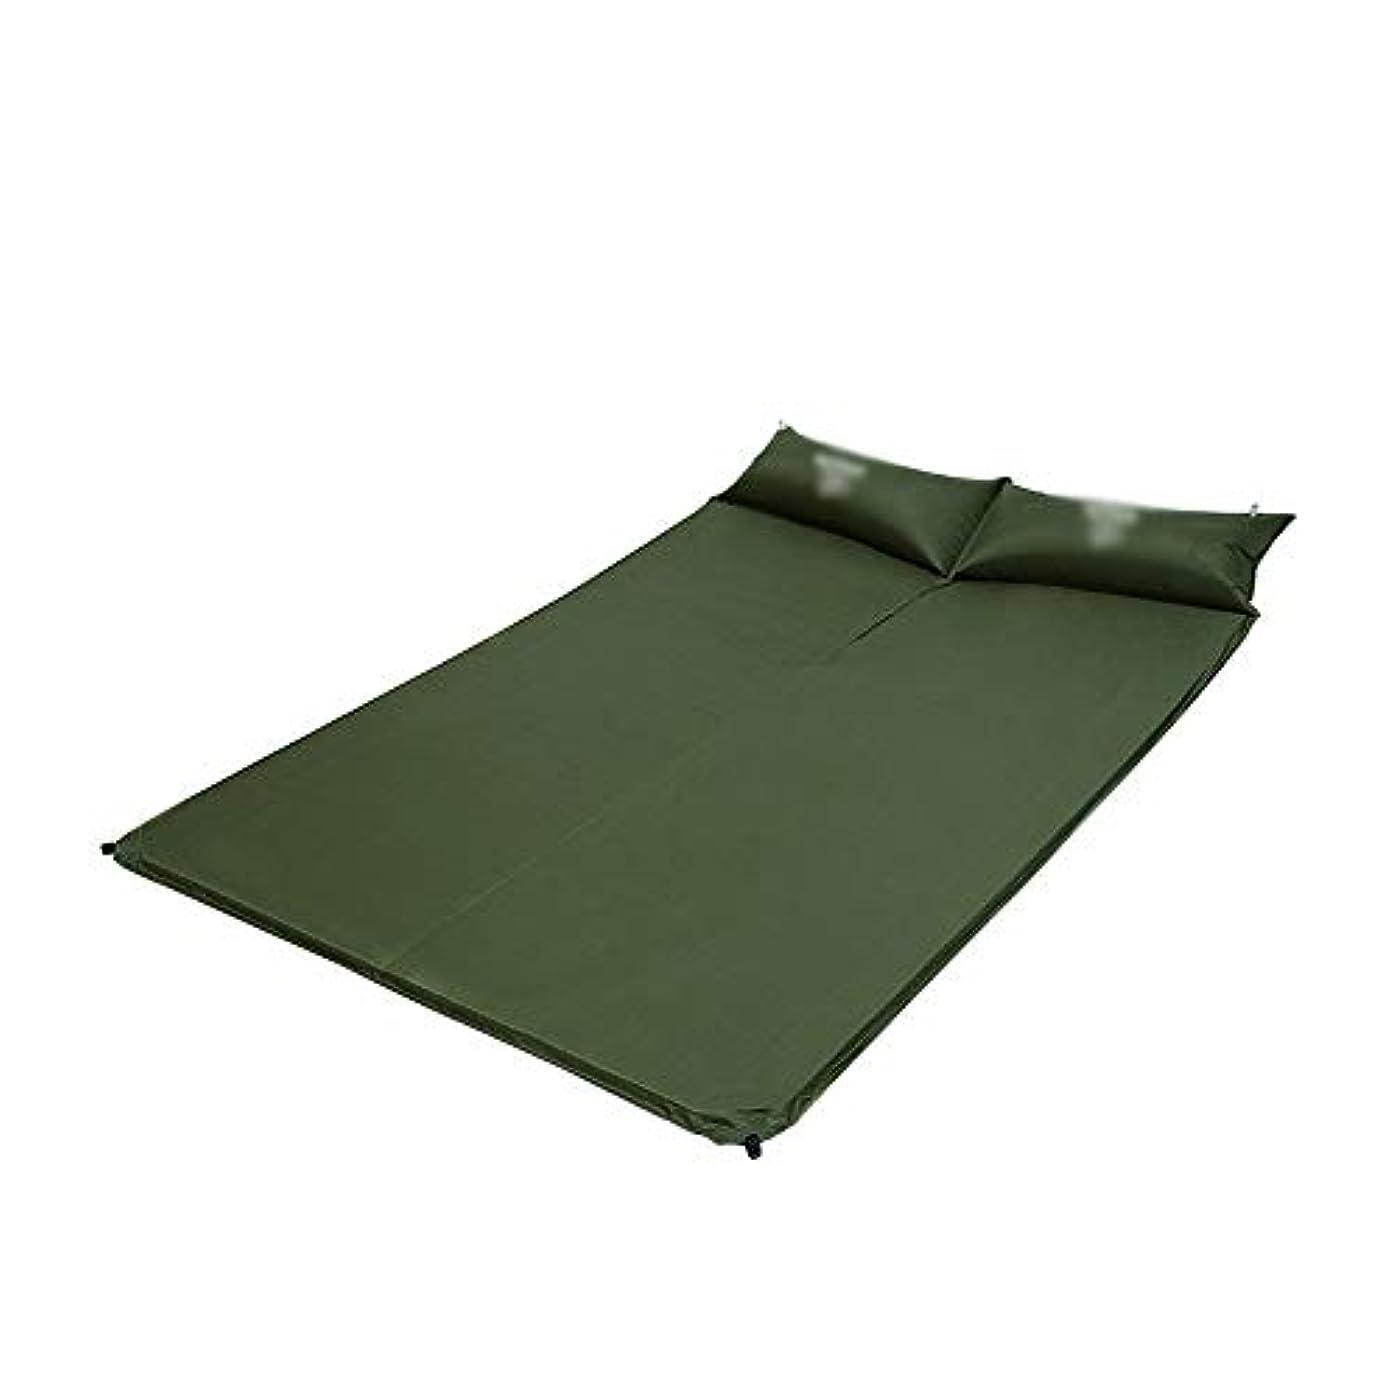 組立傾向があります概念190×130×2.5センチ二重寝台マットマットレス自己膨張パッド付き2インフレータブル枕用キャンプテントビーチ